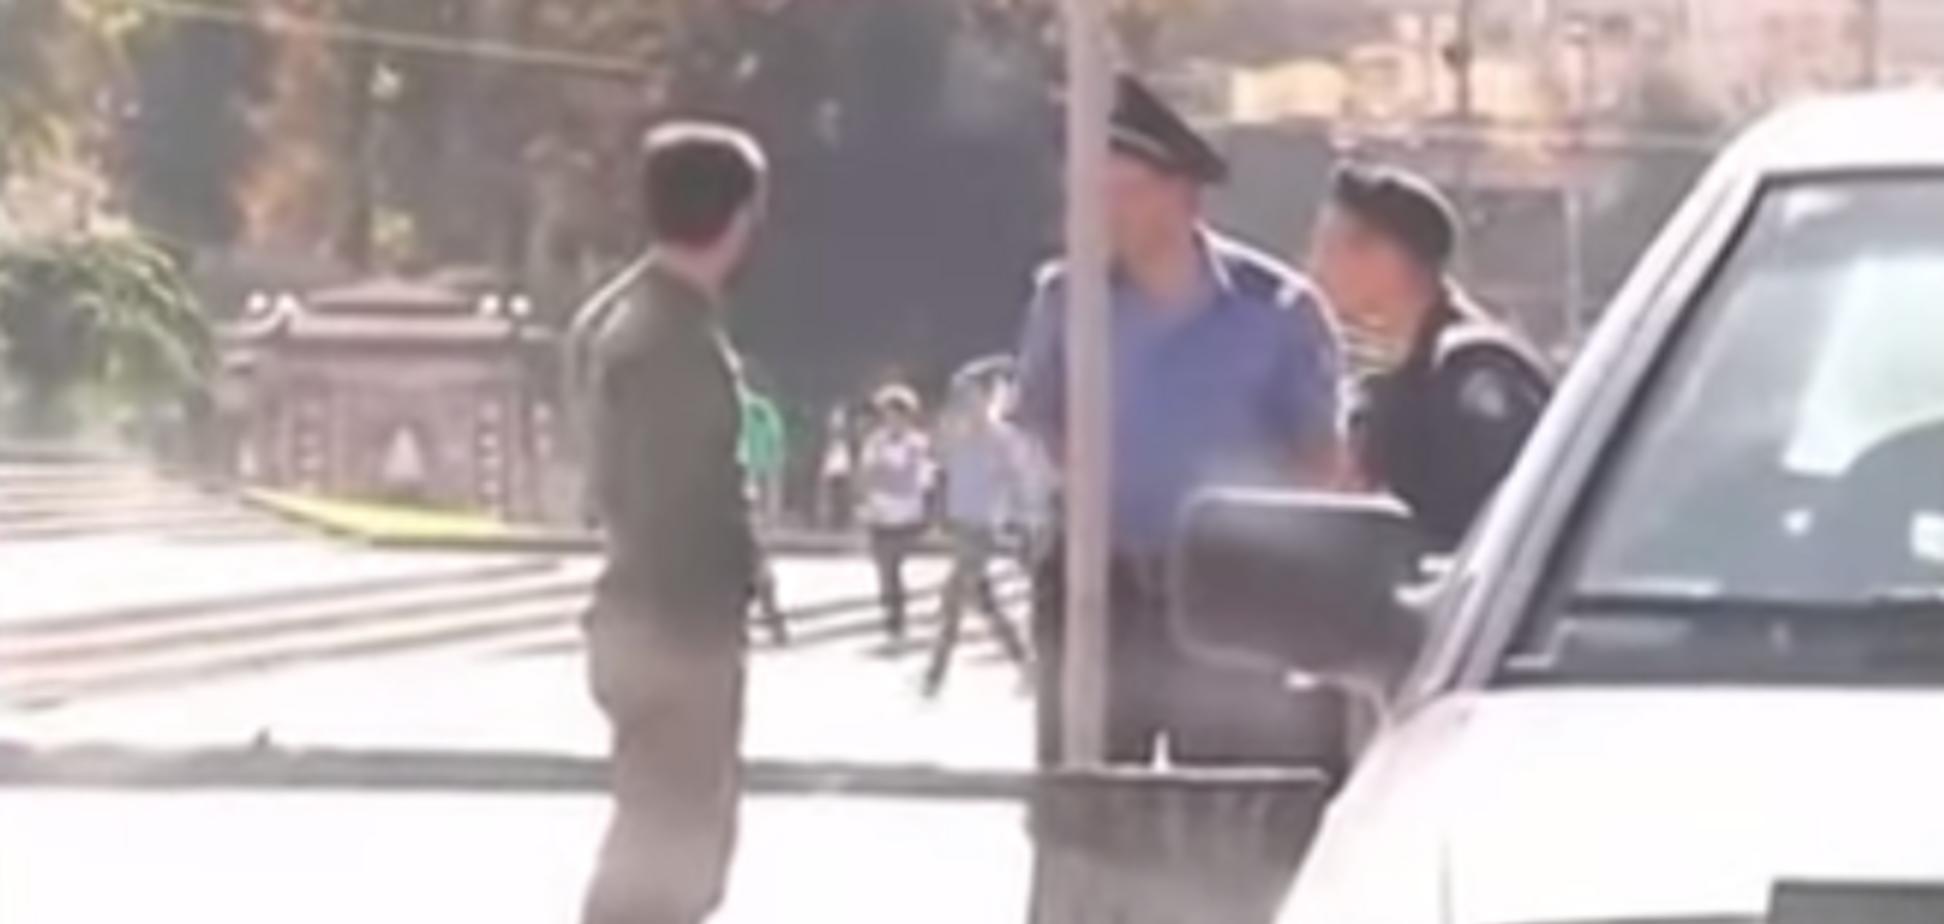 МВД отчиталось об увольнении милиционеров из скандального видео